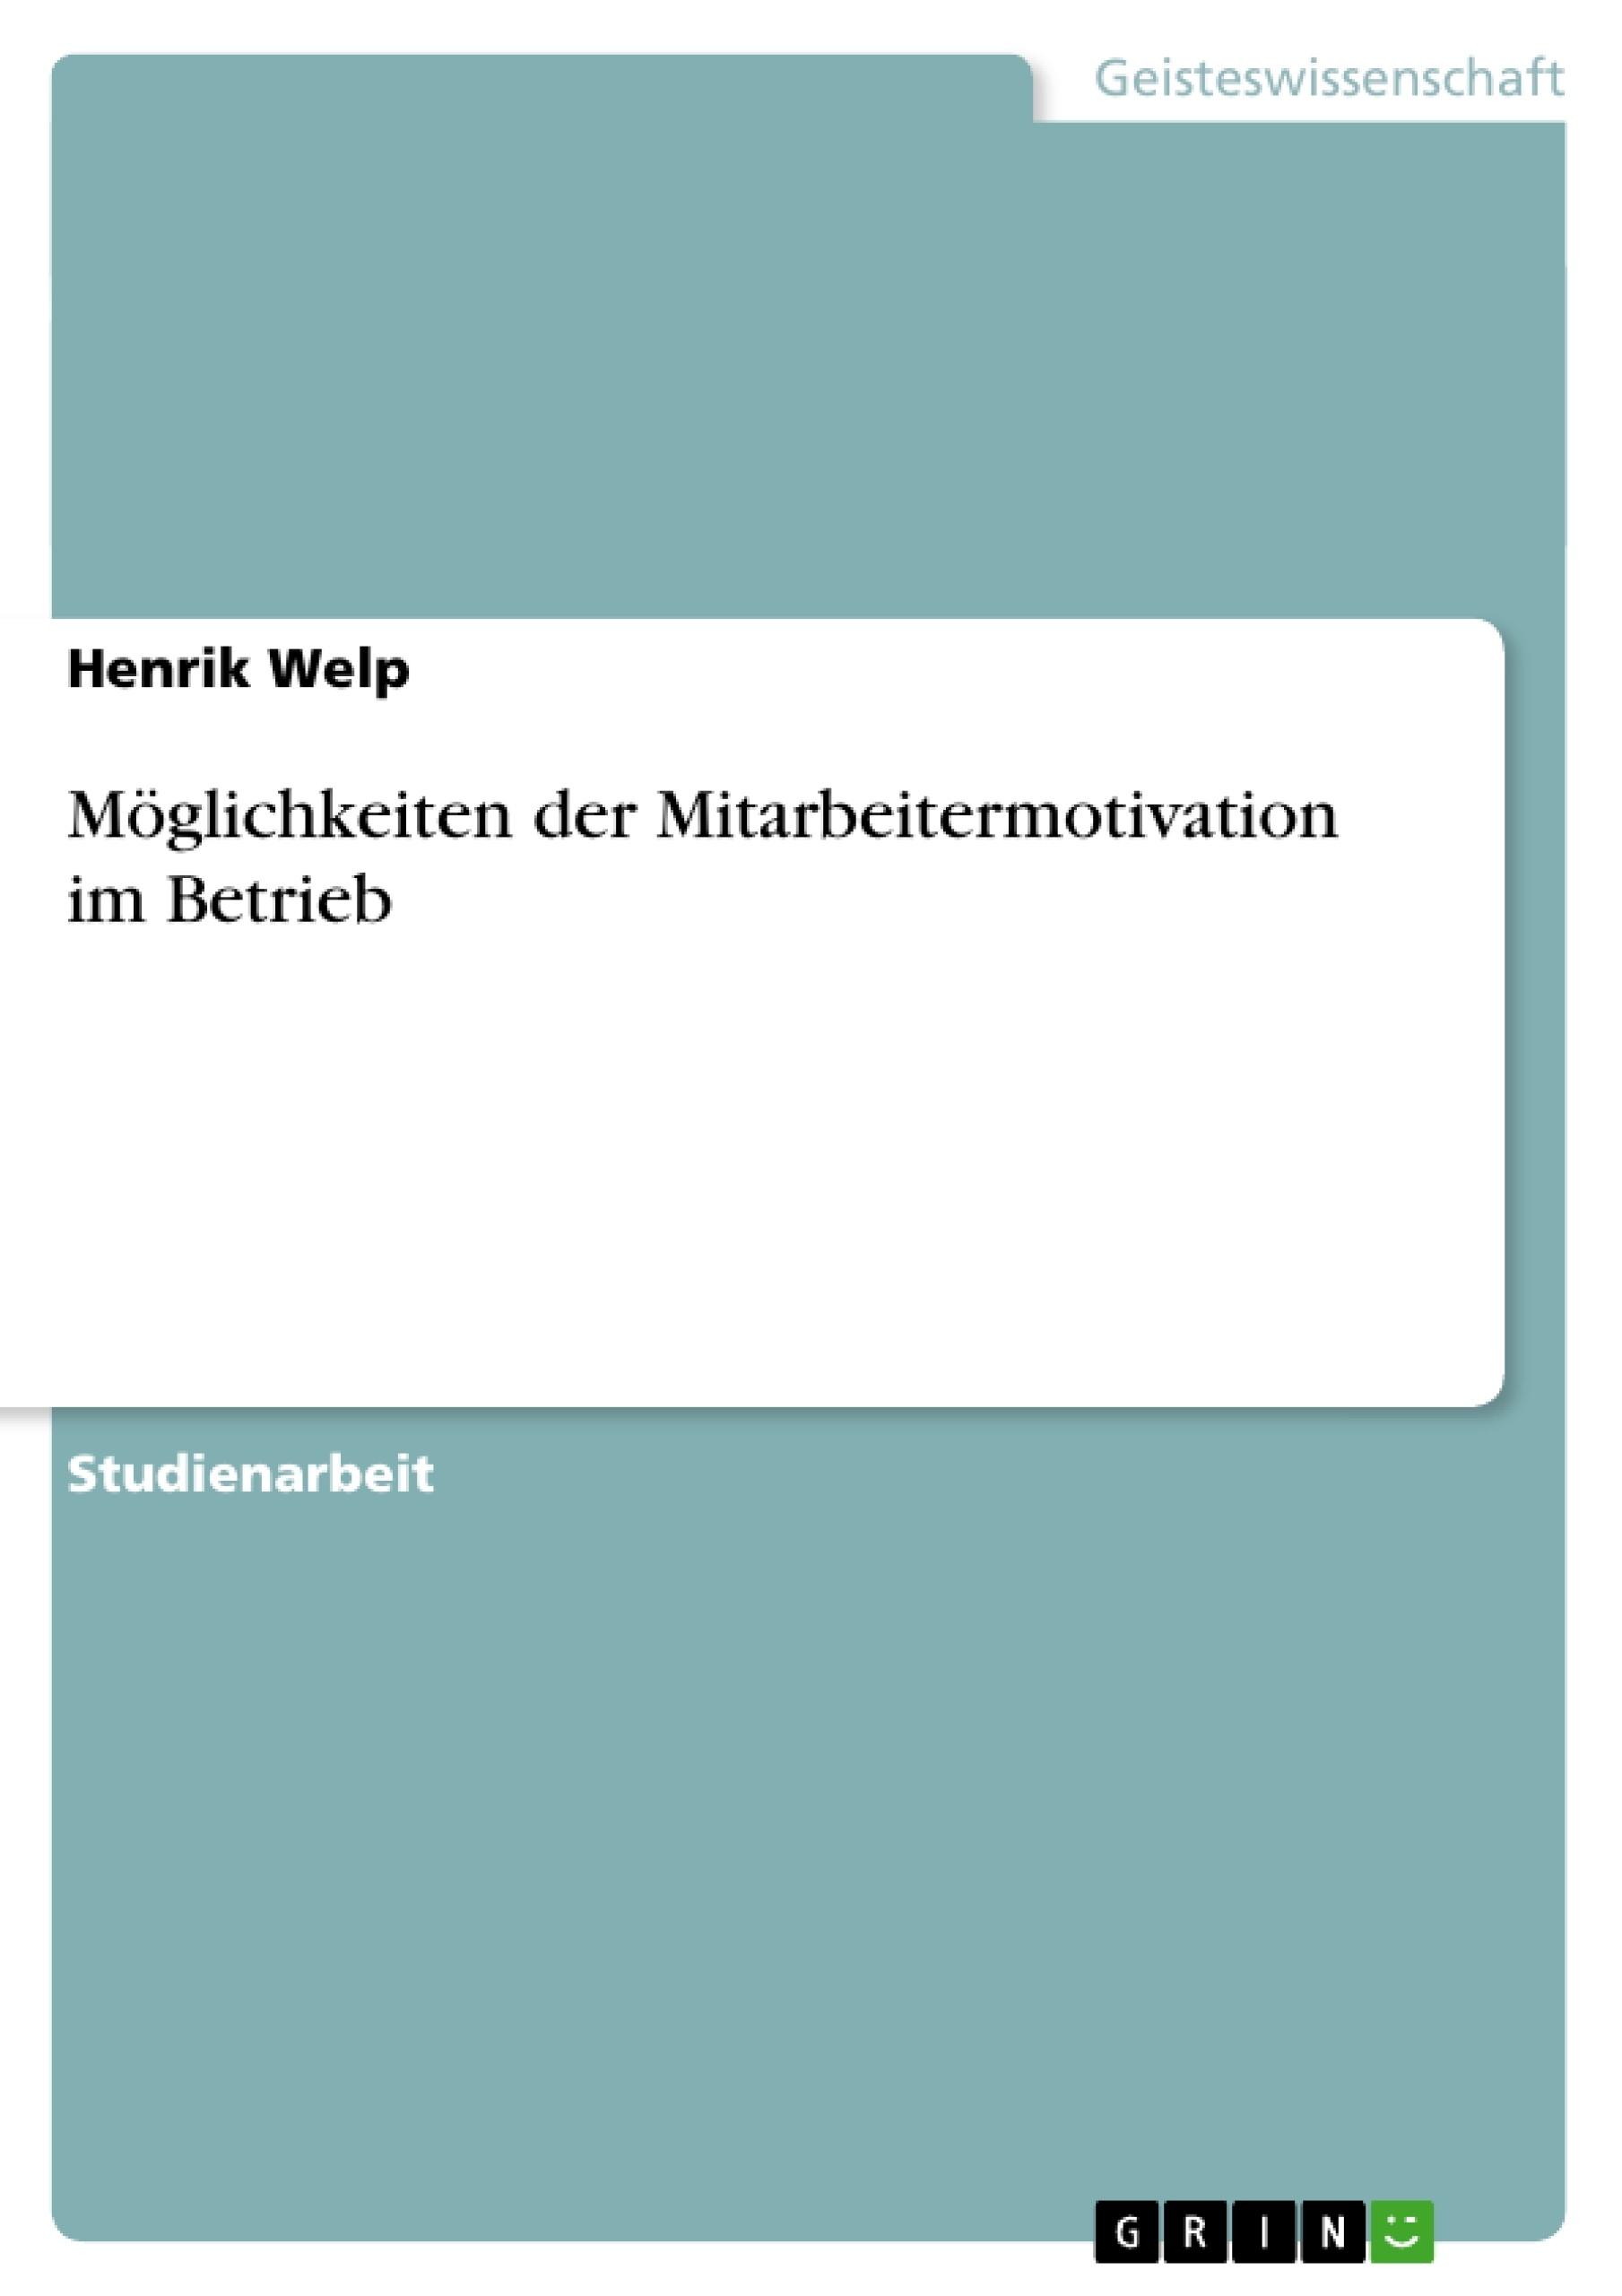 Titel: Möglichkeiten der Mitarbeitermotivation im Betrieb